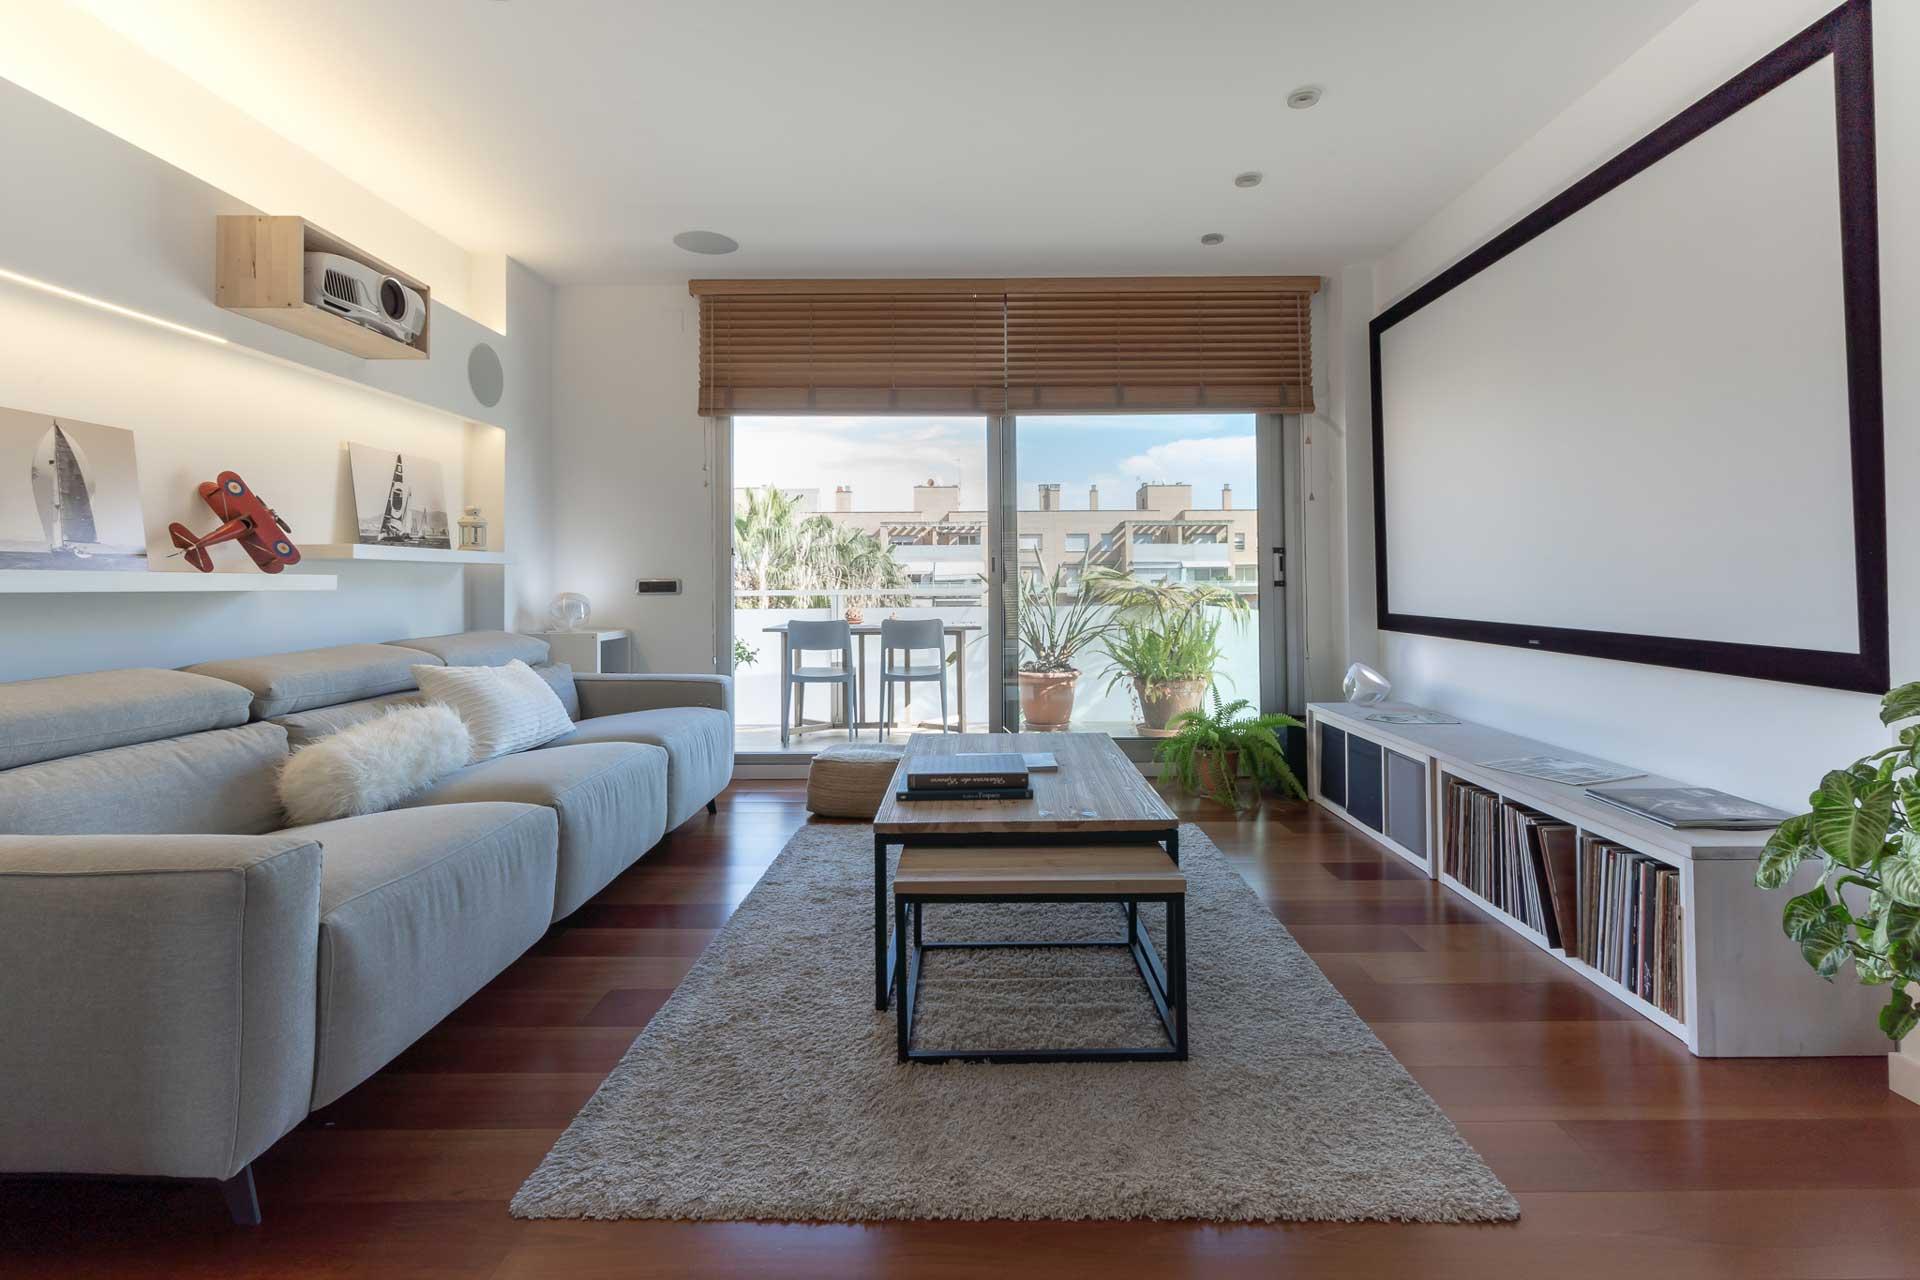 Entre las tendencias de interiorismo que se esperan para 2021 destaca el uso de muebles modulares y los colores neutros.